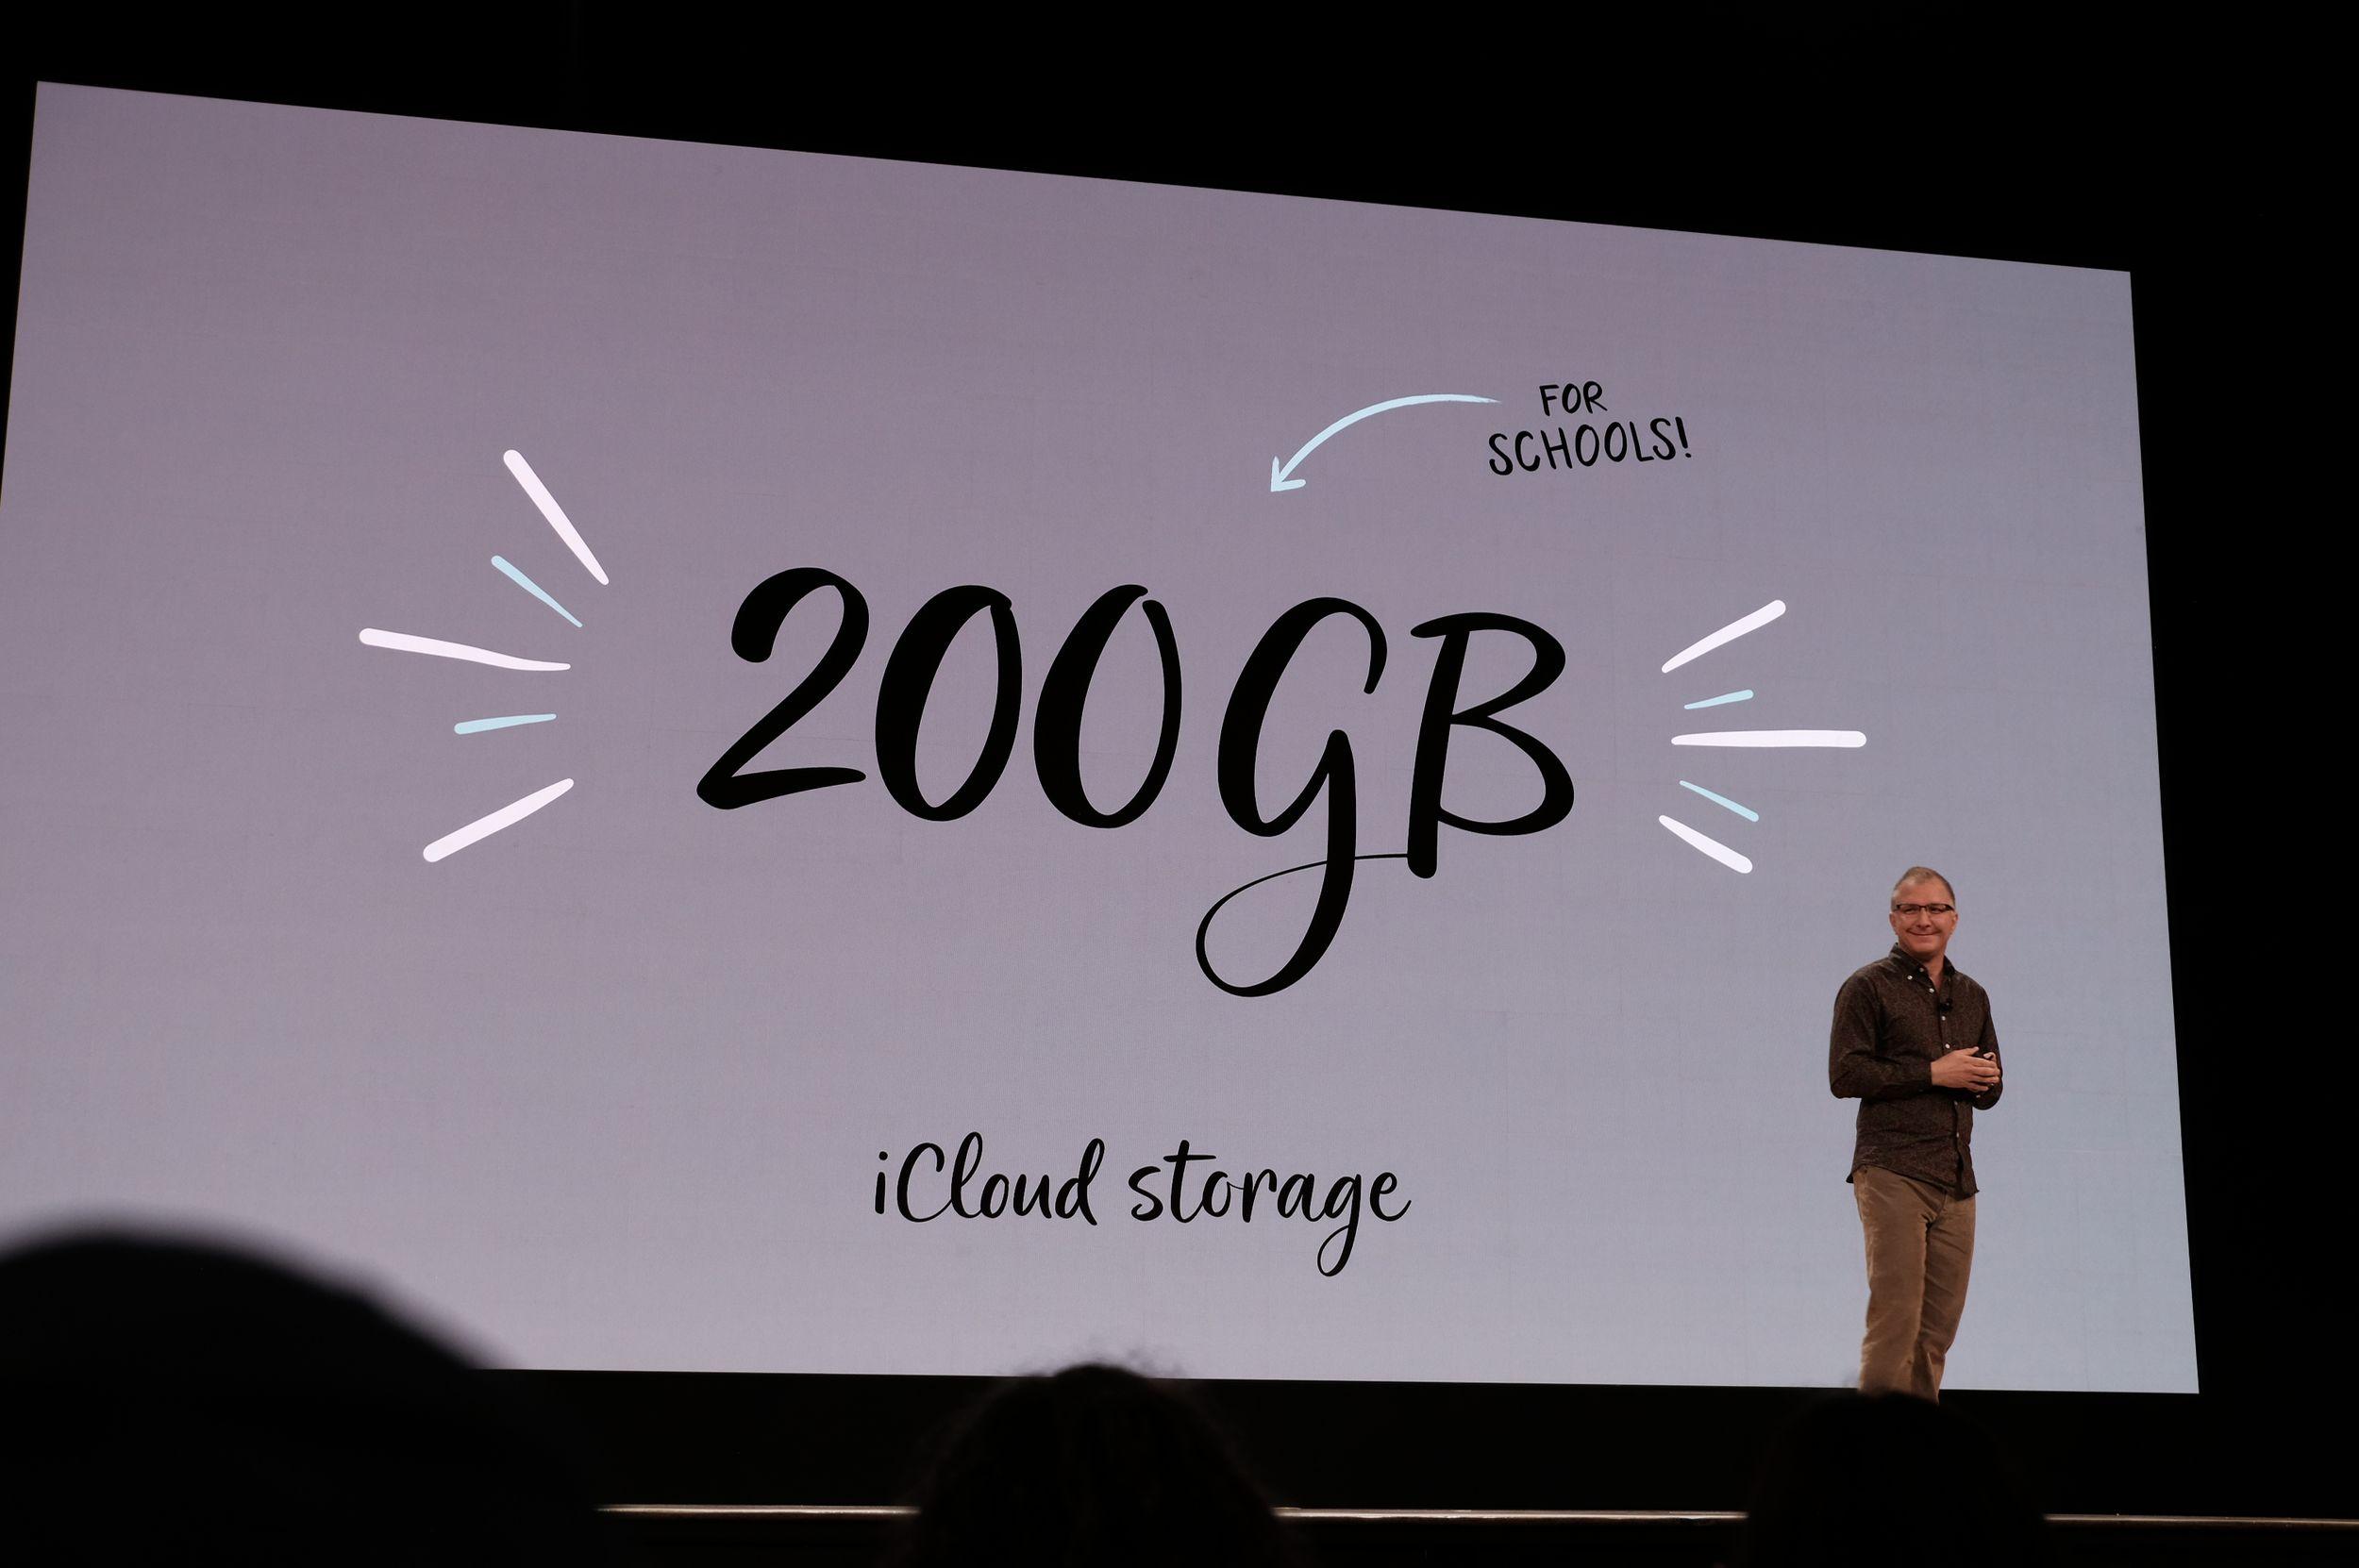 Evento Apple para educación, en directo y con el nuevo iPad 47